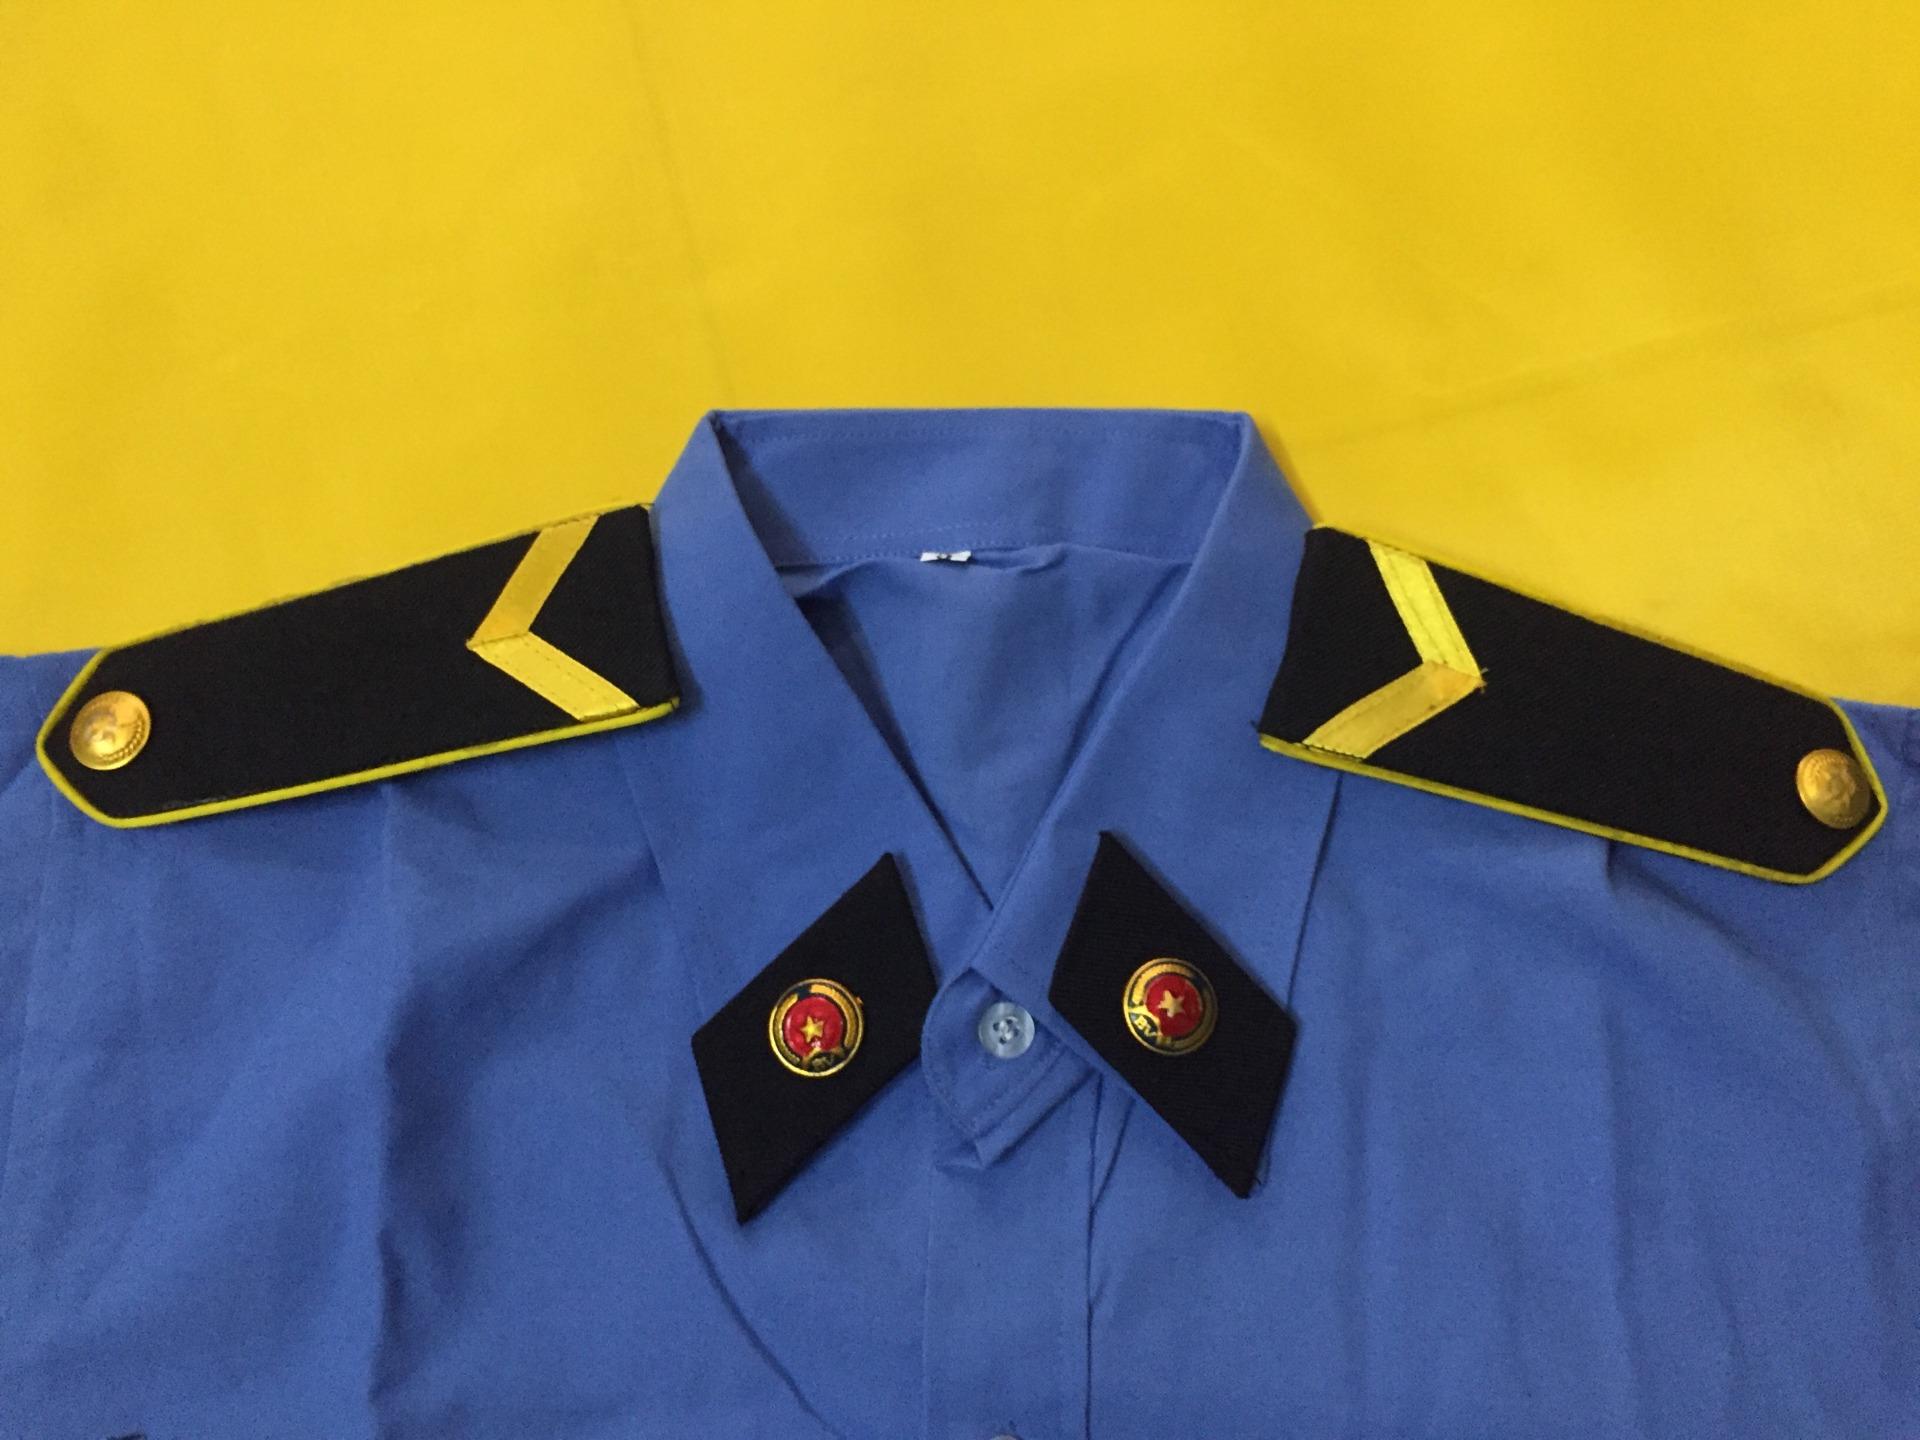 May đồng phục bảo vệ TPHCM - TÌm trên DichVu MuaBanNhanh xưởng may đồng phục các loại đa dạng về mẫu mã thiết kế, kích thước